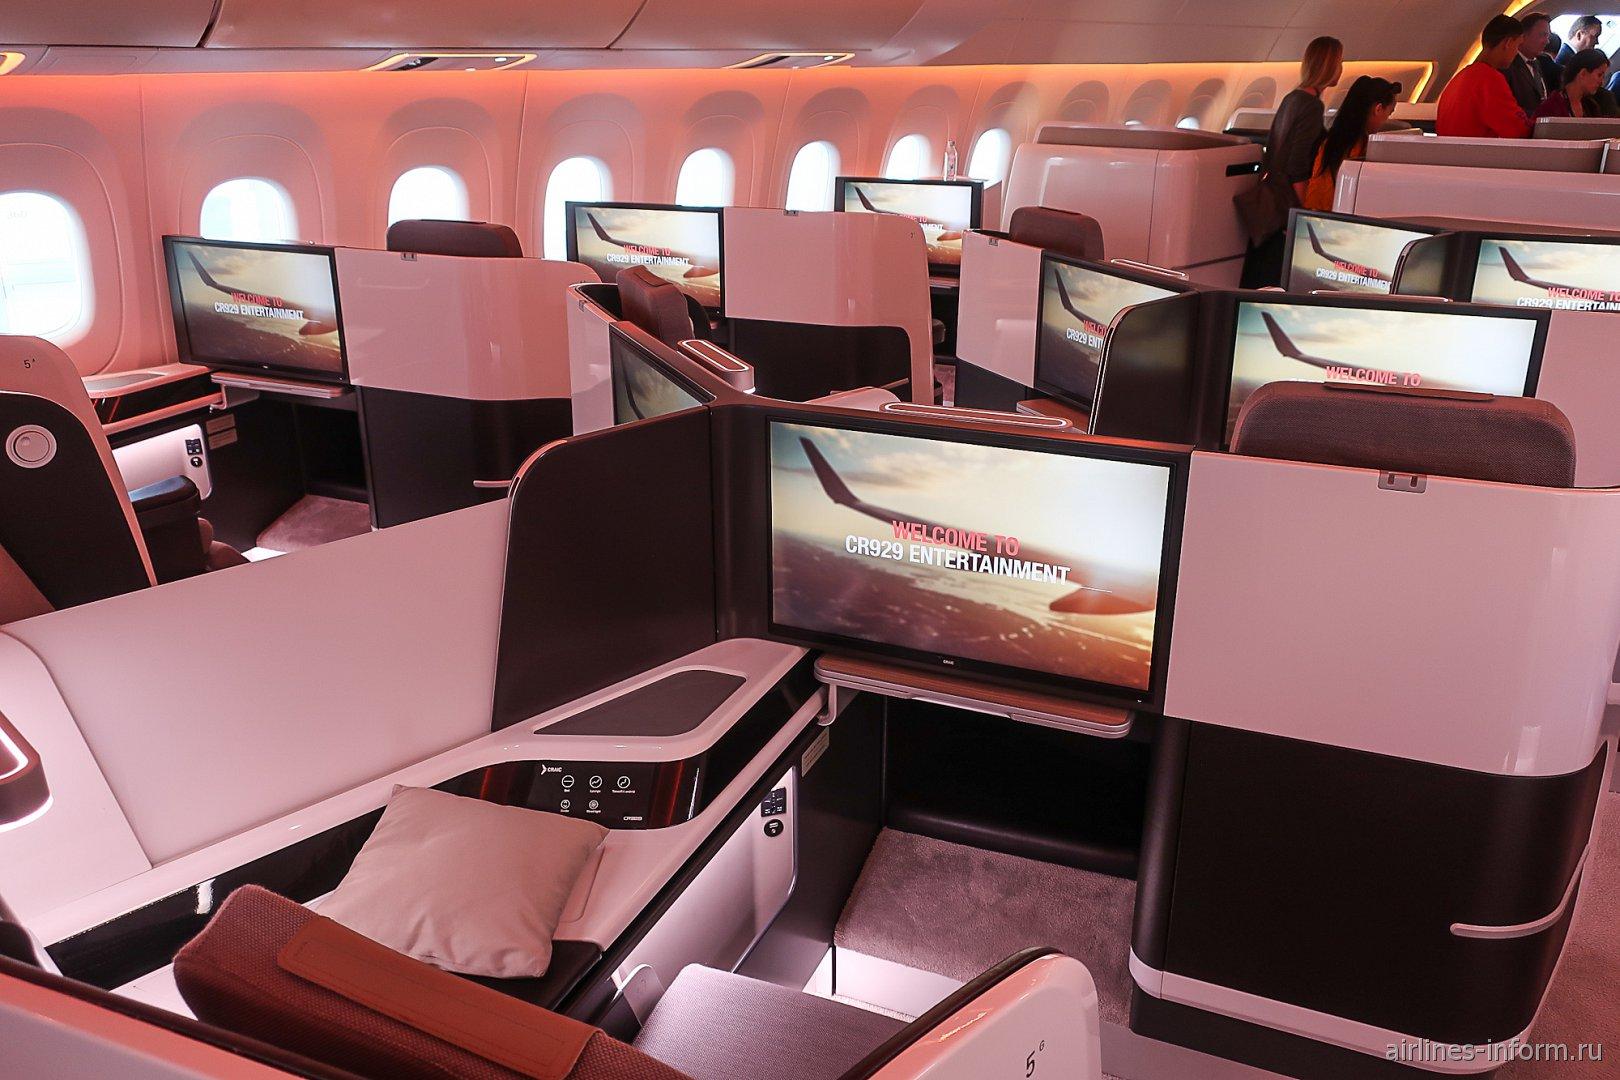 Места пассажиров бизнес-класса в самолете CR929